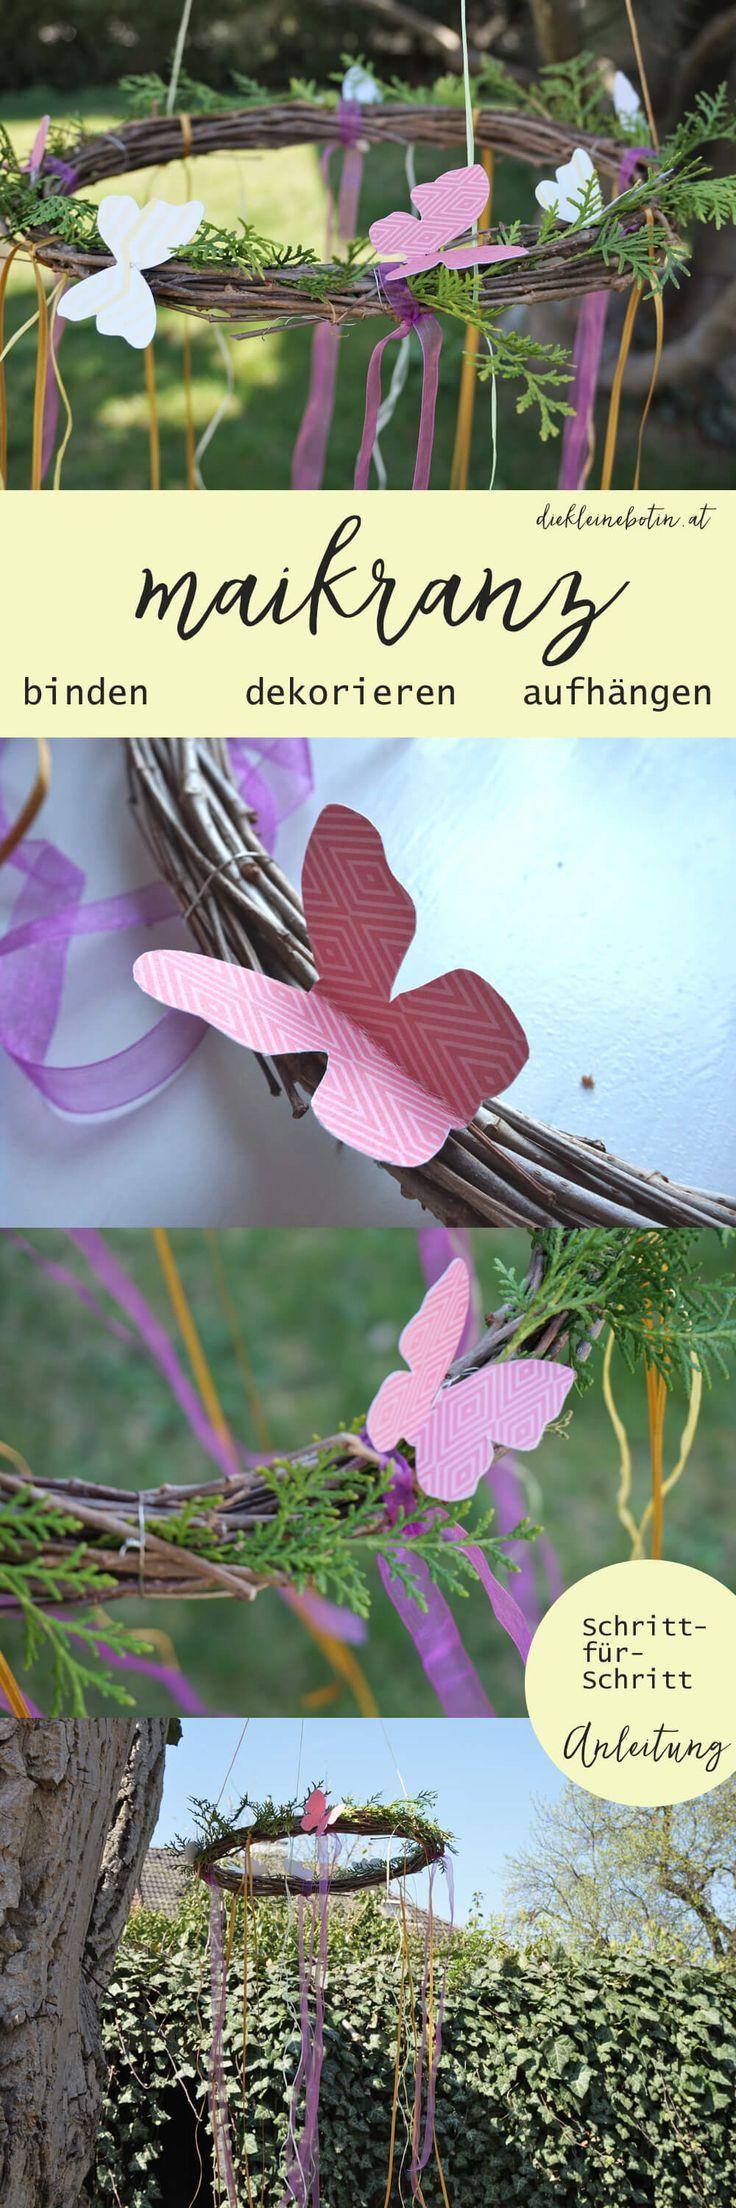 Ein zauberhaftes DIY für den Frühling. Dekoration zum Selbermachen für Terrasse und Garten: Der Maikranz. Die Schritt für Schritt Anleitung und Material-Infos gibts im Link.